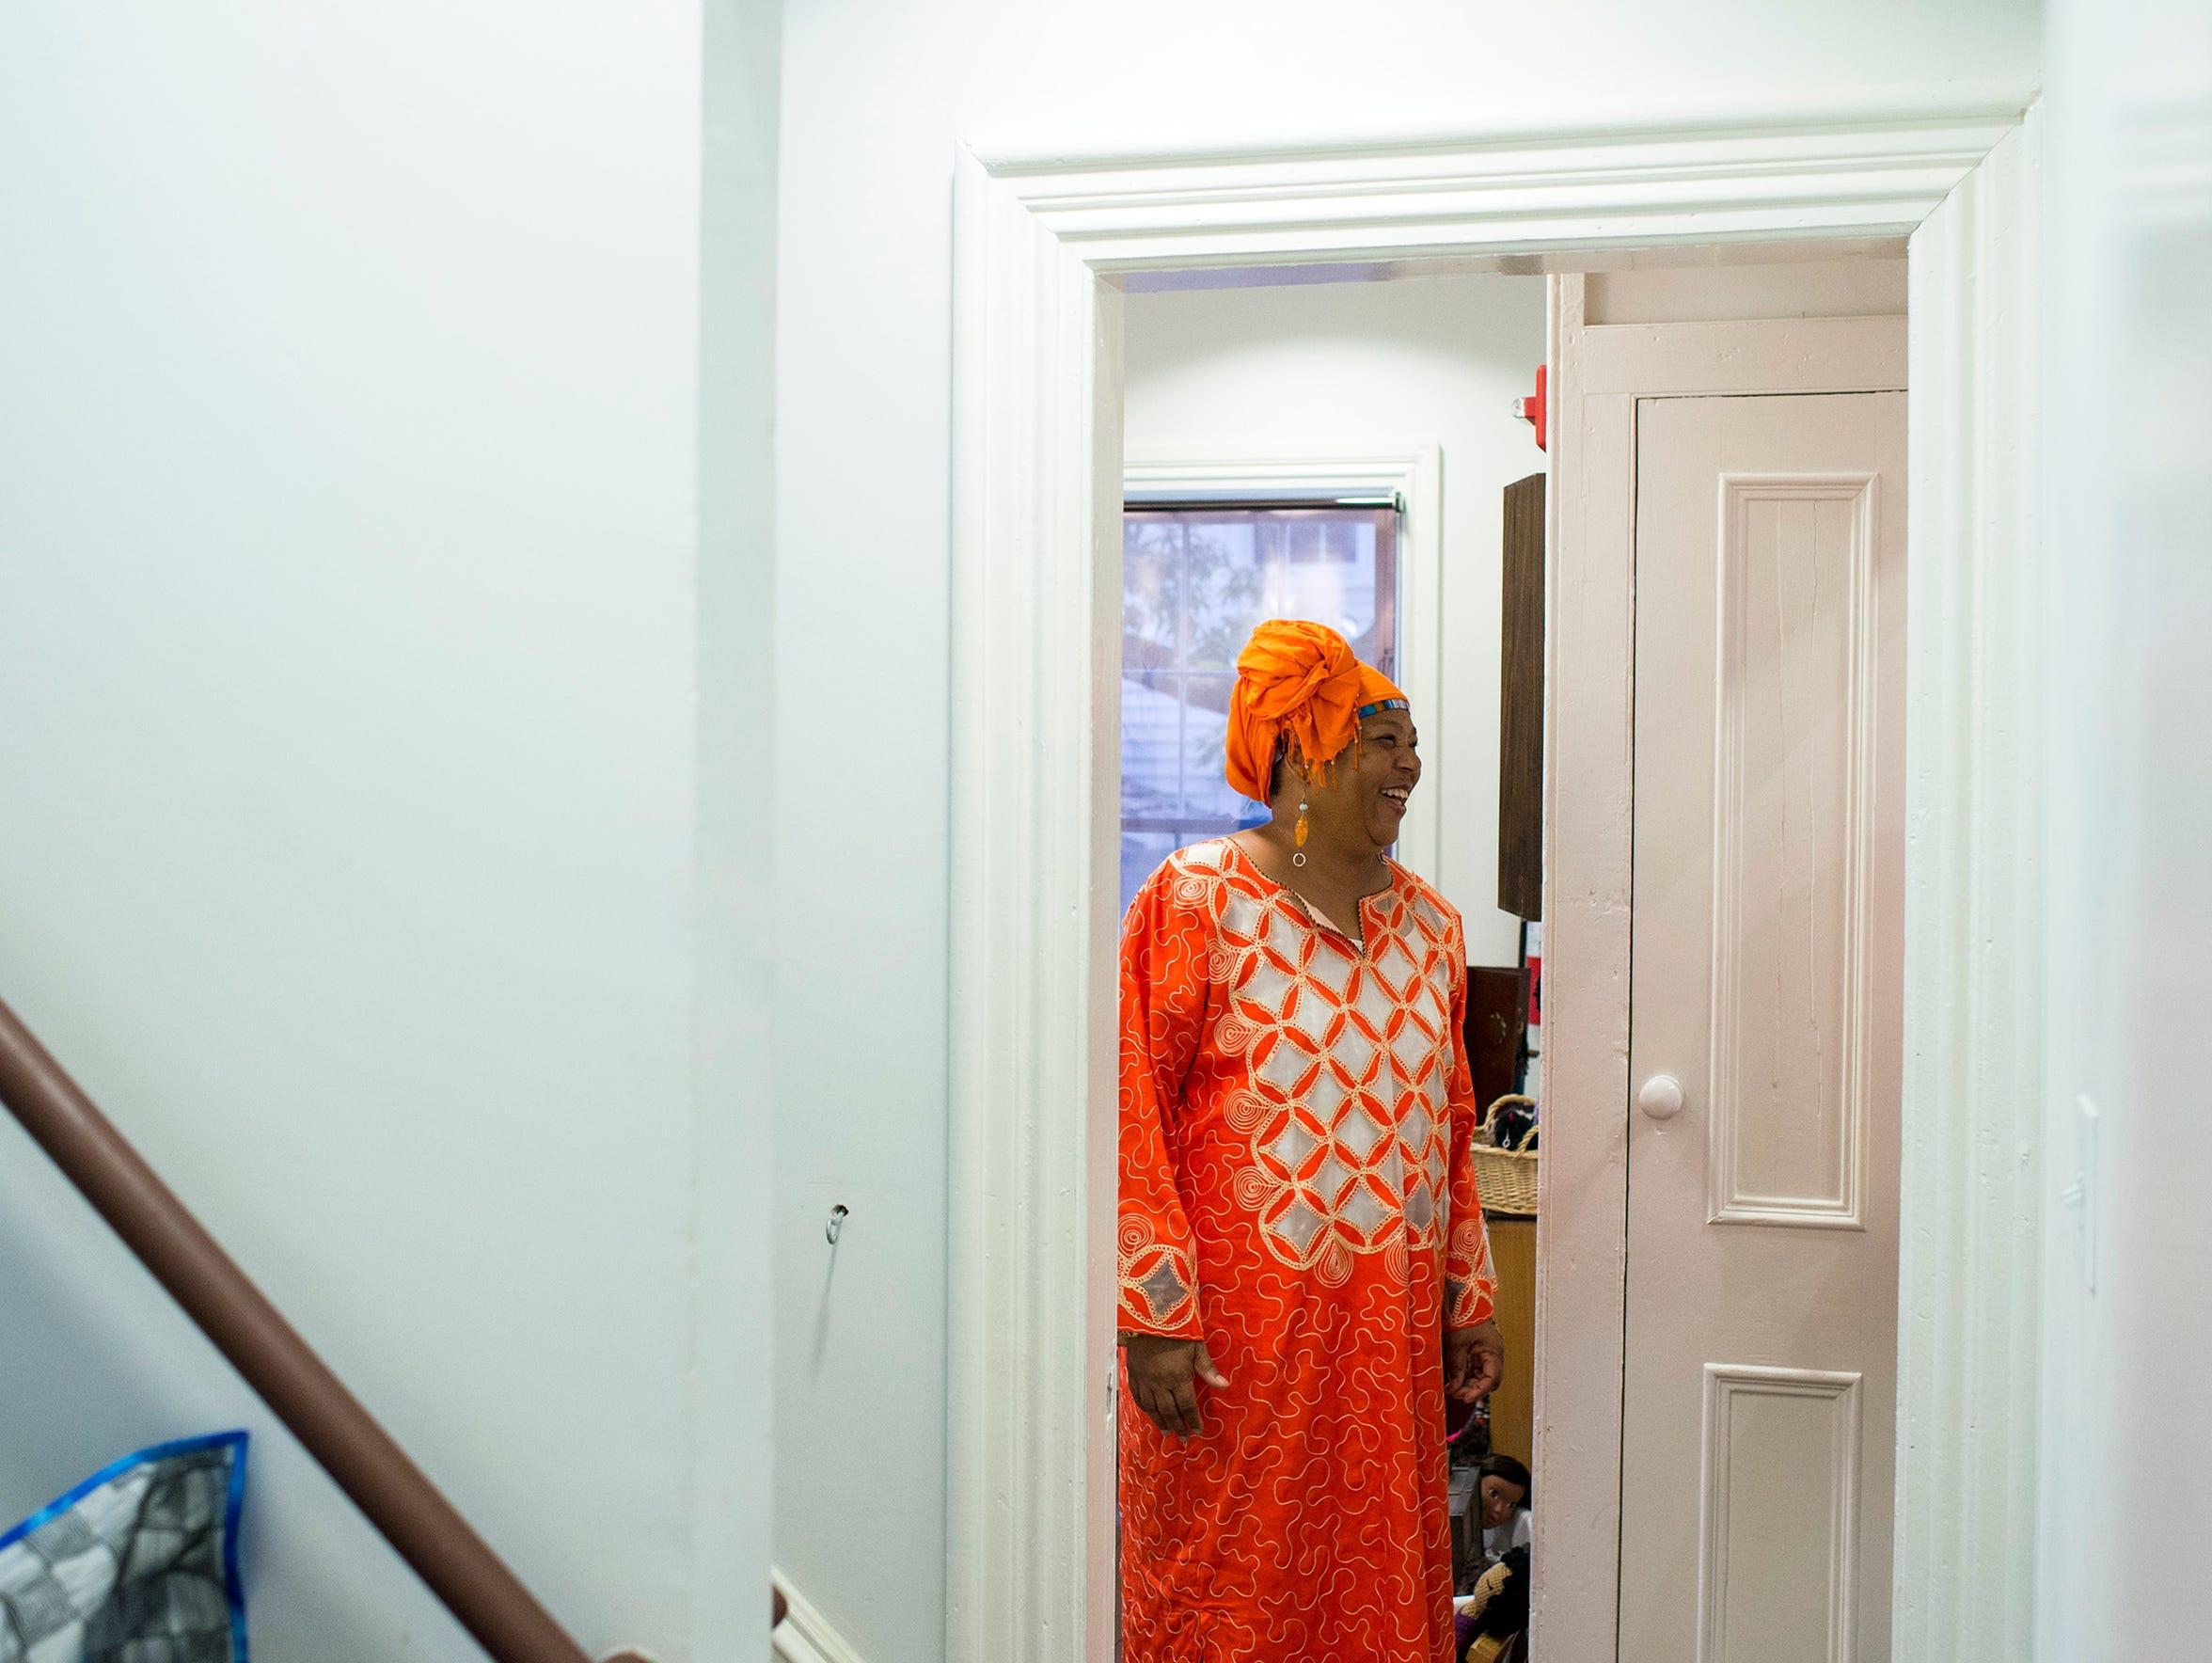 Karen 'Queen Nur' Abdul-Malik is shown inside her Dolls